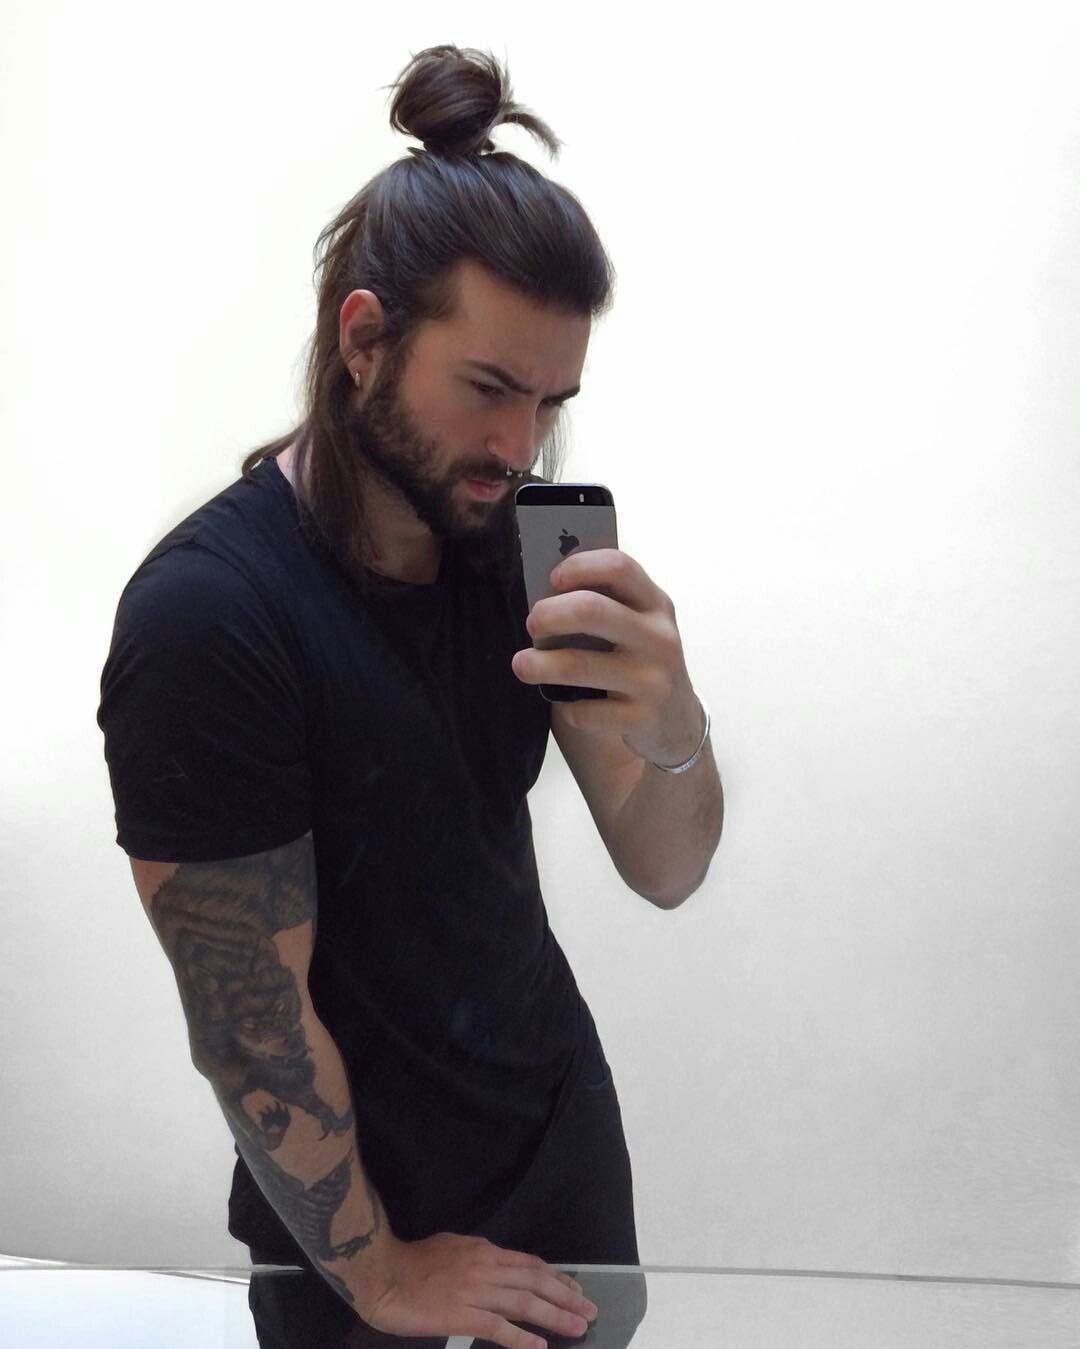 Lluvia de ideas peinados guapos Imagen de cortes de pelo Ideas - Pin en Peinados GUAPOS para Hombres: Las mejores ideas